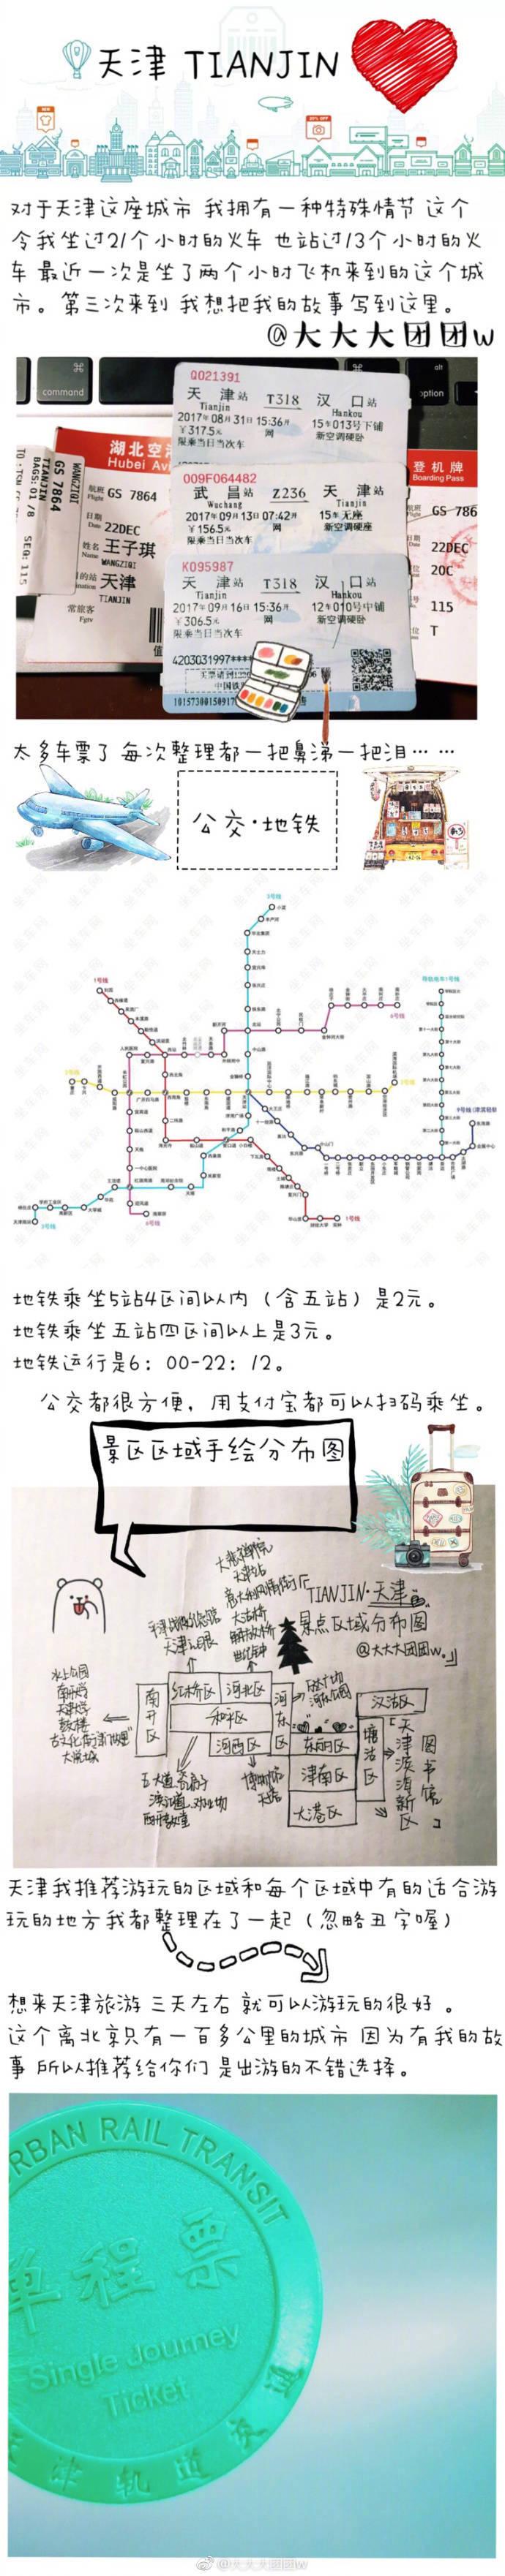 一个很贴心的小姐姐带来的天津旅游攻略,还手绘了一幅地图